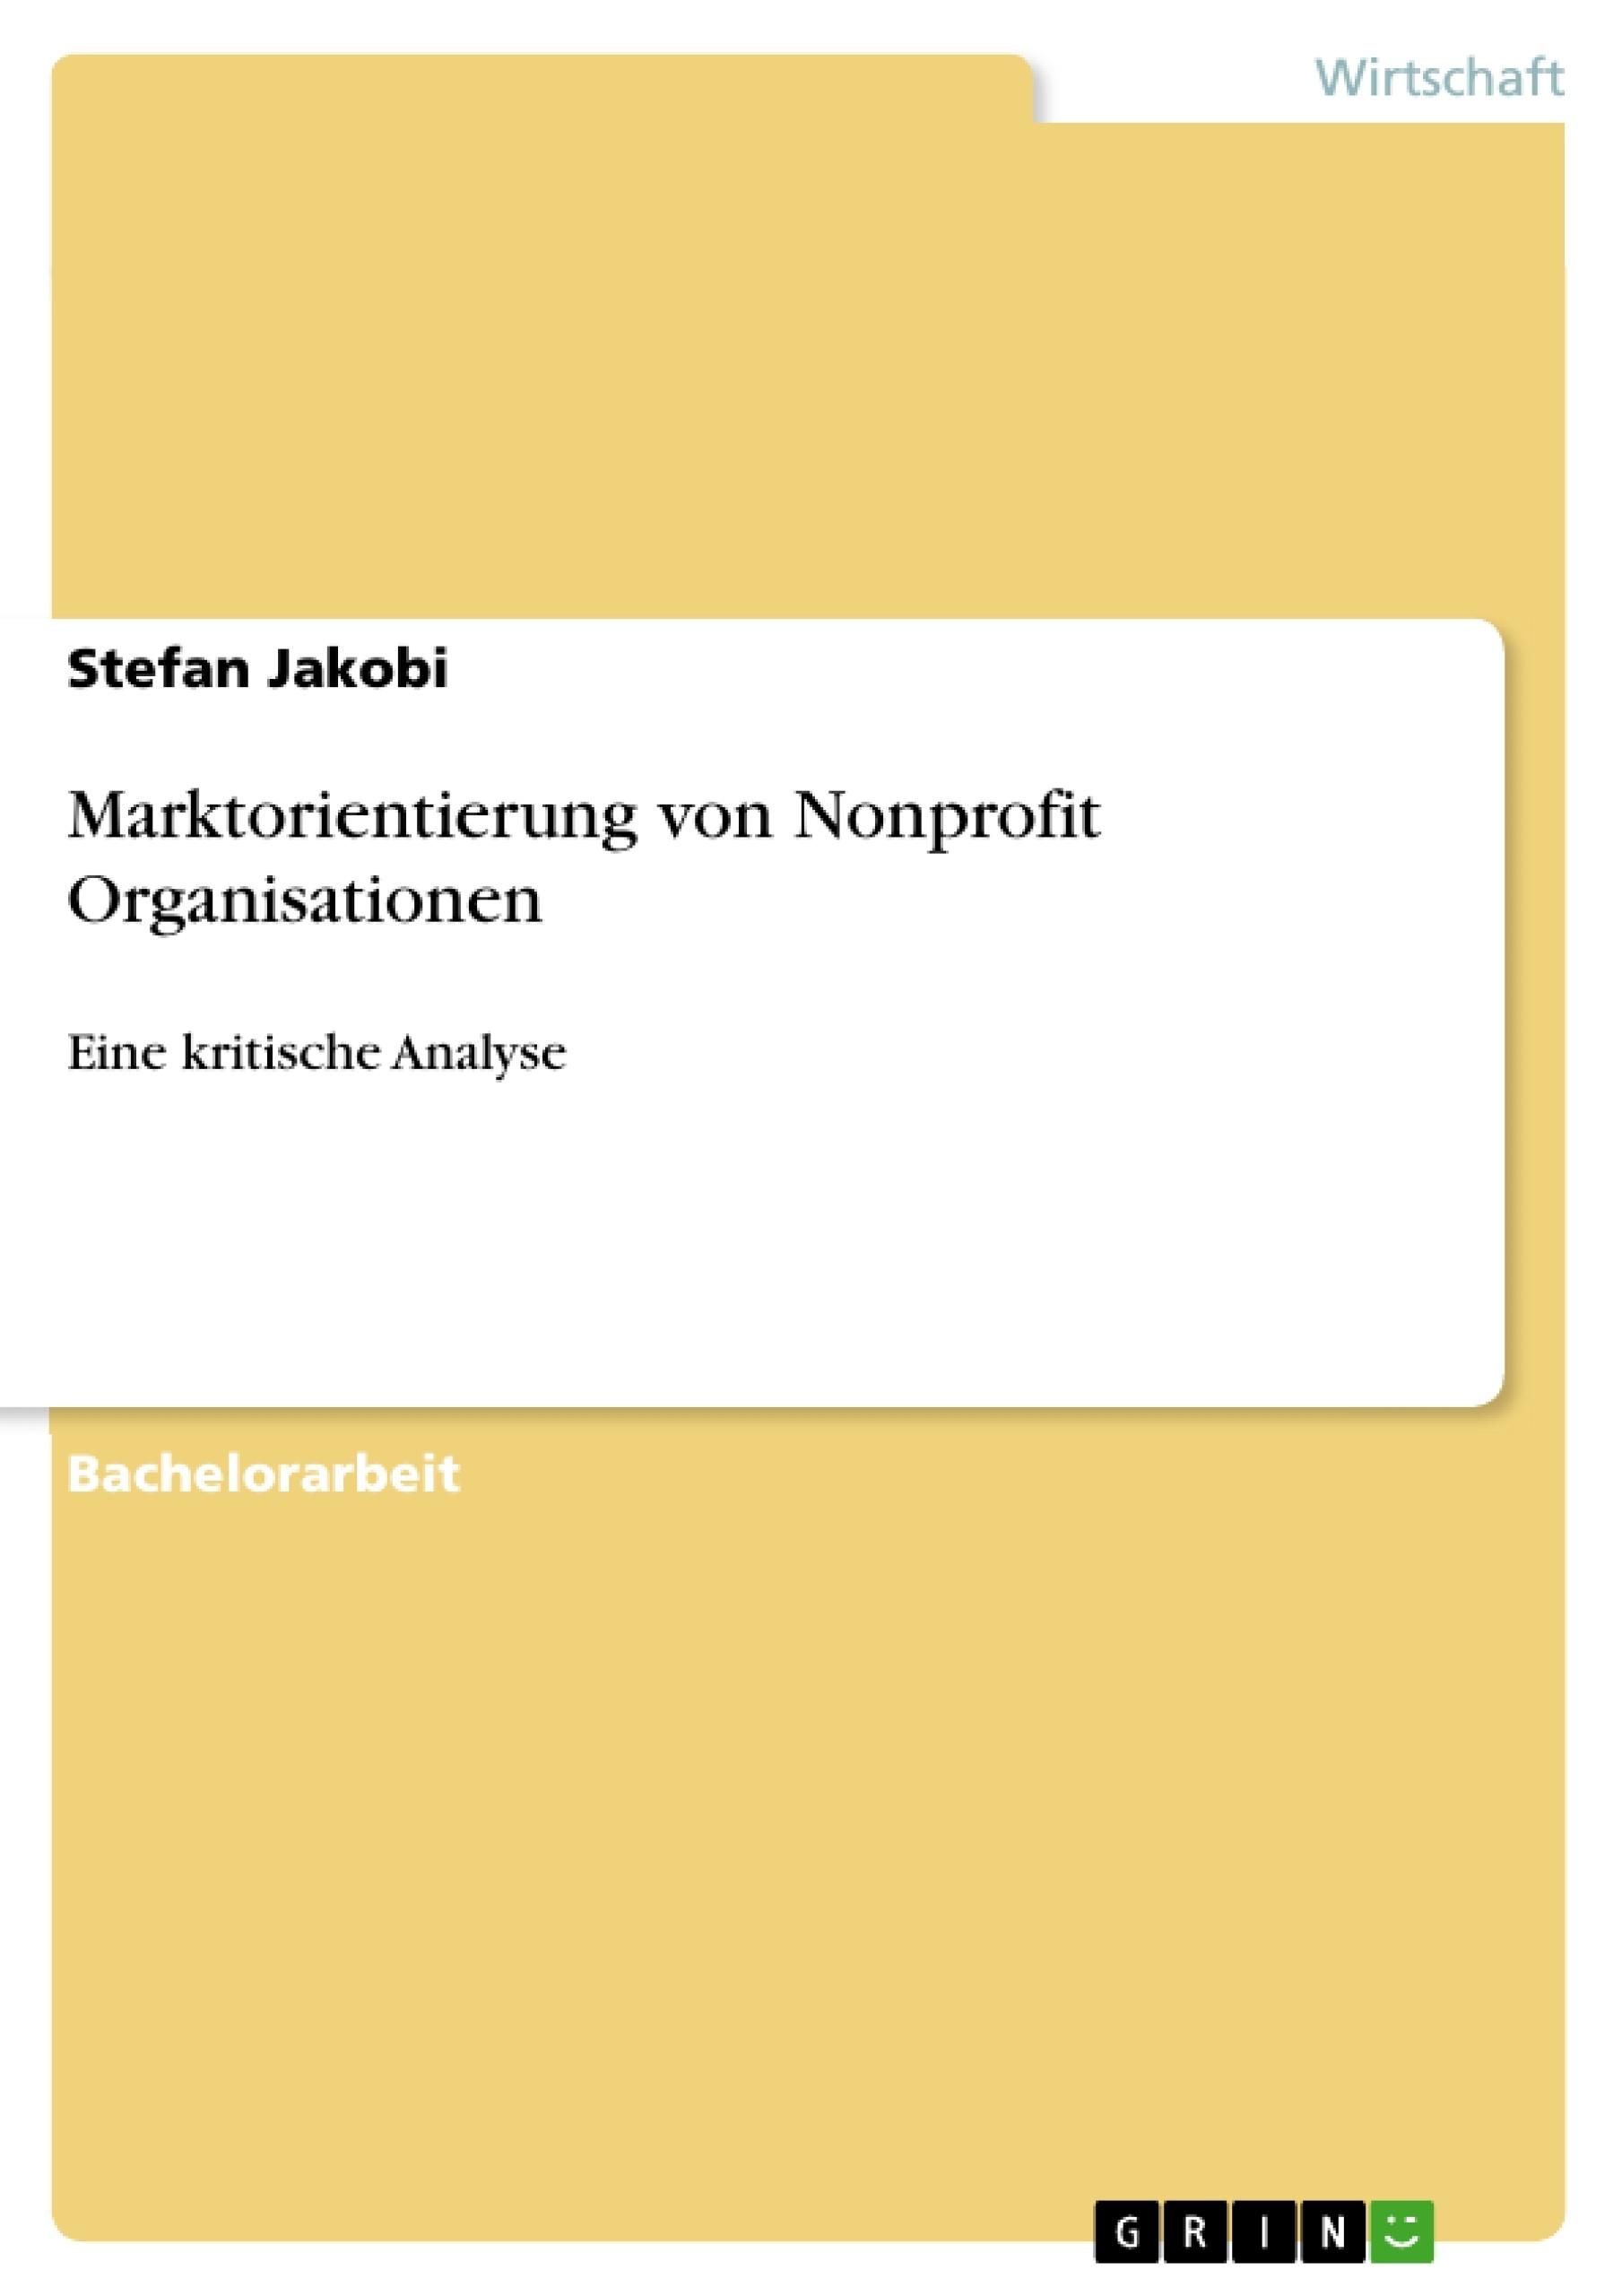 Titel: Marktorientierung von Nonprofit Organisationen